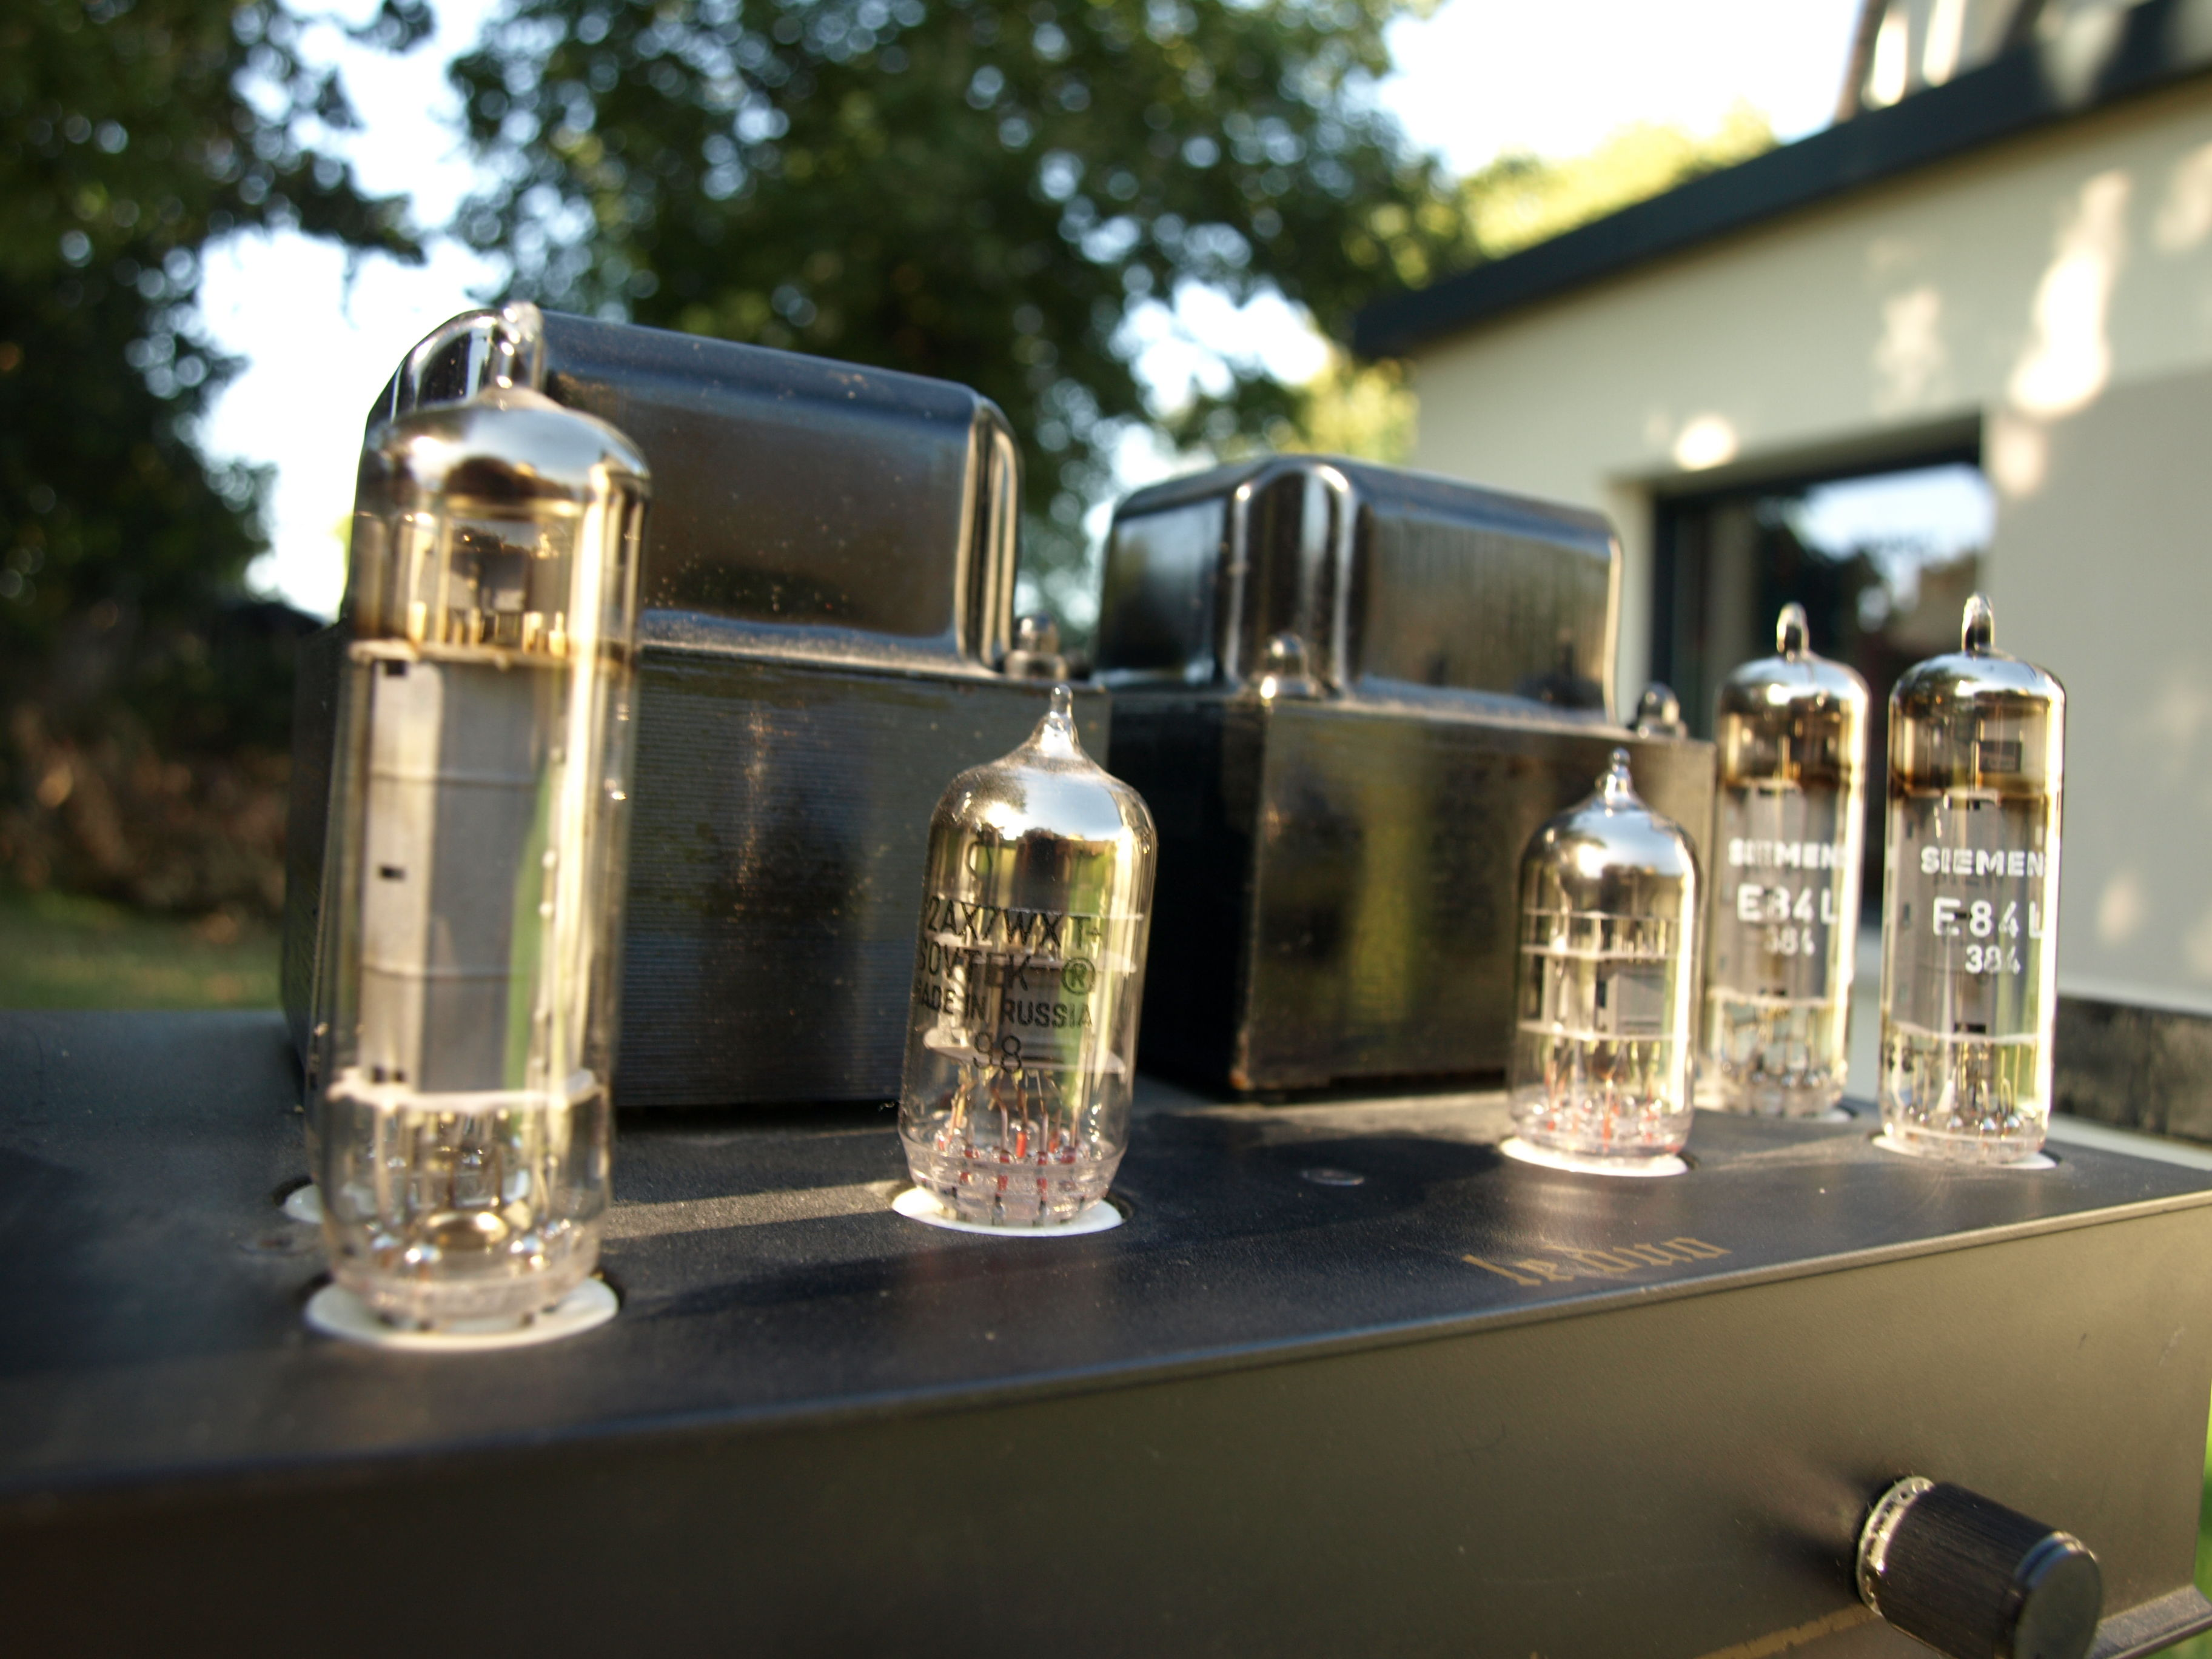 audio et hifi occasion bain de bretagne 35 annonces achat et vente de audio et hifi. Black Bedroom Furniture Sets. Home Design Ideas